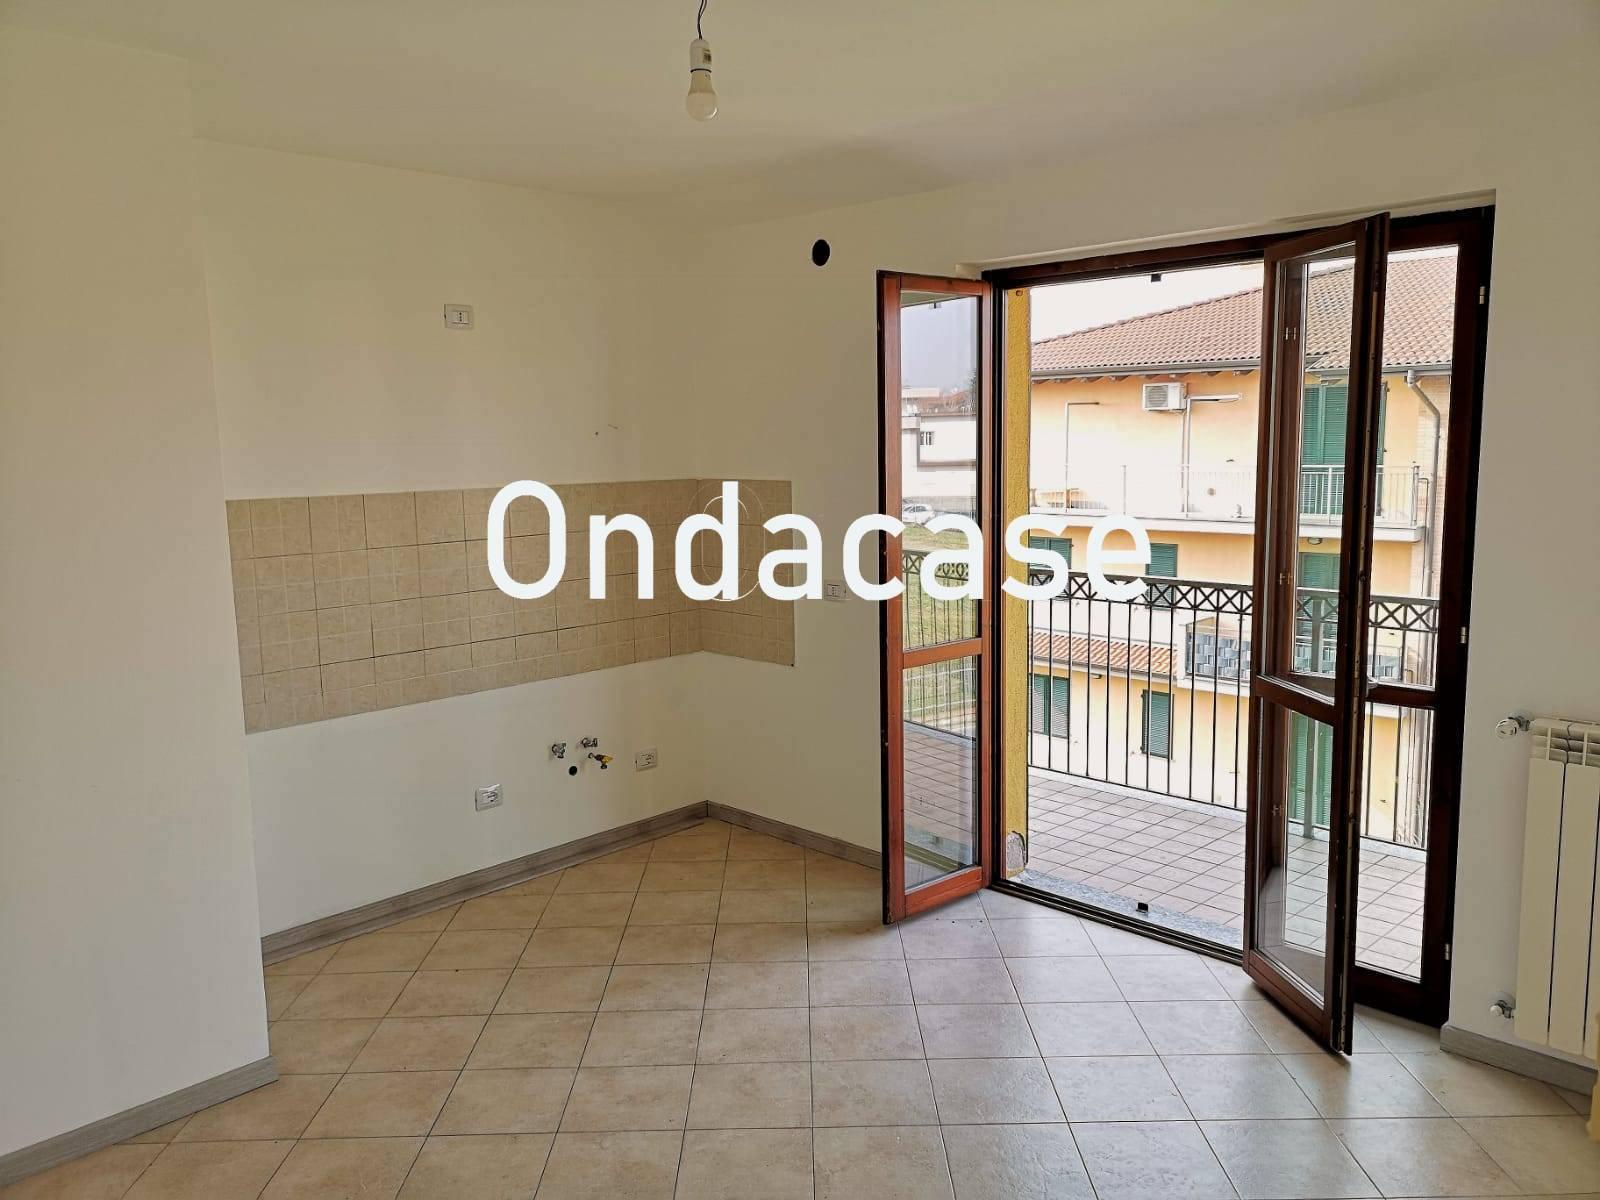 Appartamento in vendita a Capriate San Gervasio, 2 locali, prezzo € 64.000 | CambioCasa.it